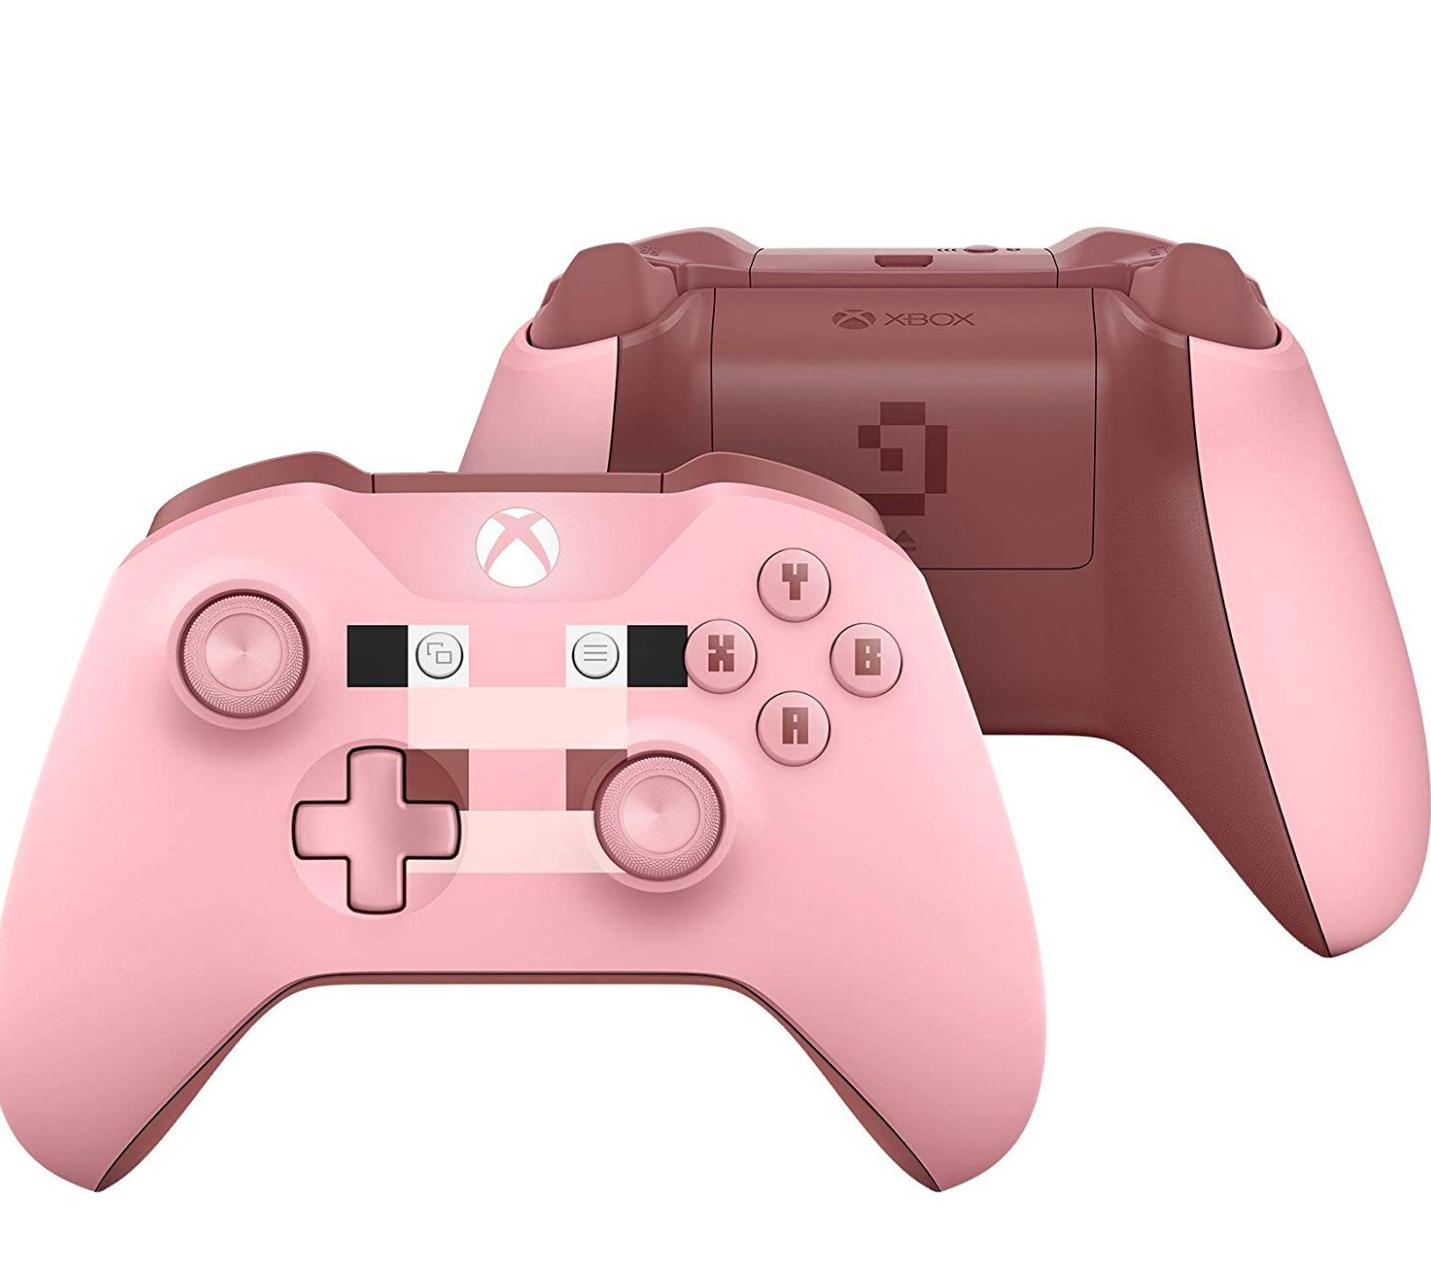 Xbox Wireless Controller, Minecraft Rosa, Edycja Limitowana. Amazon.de